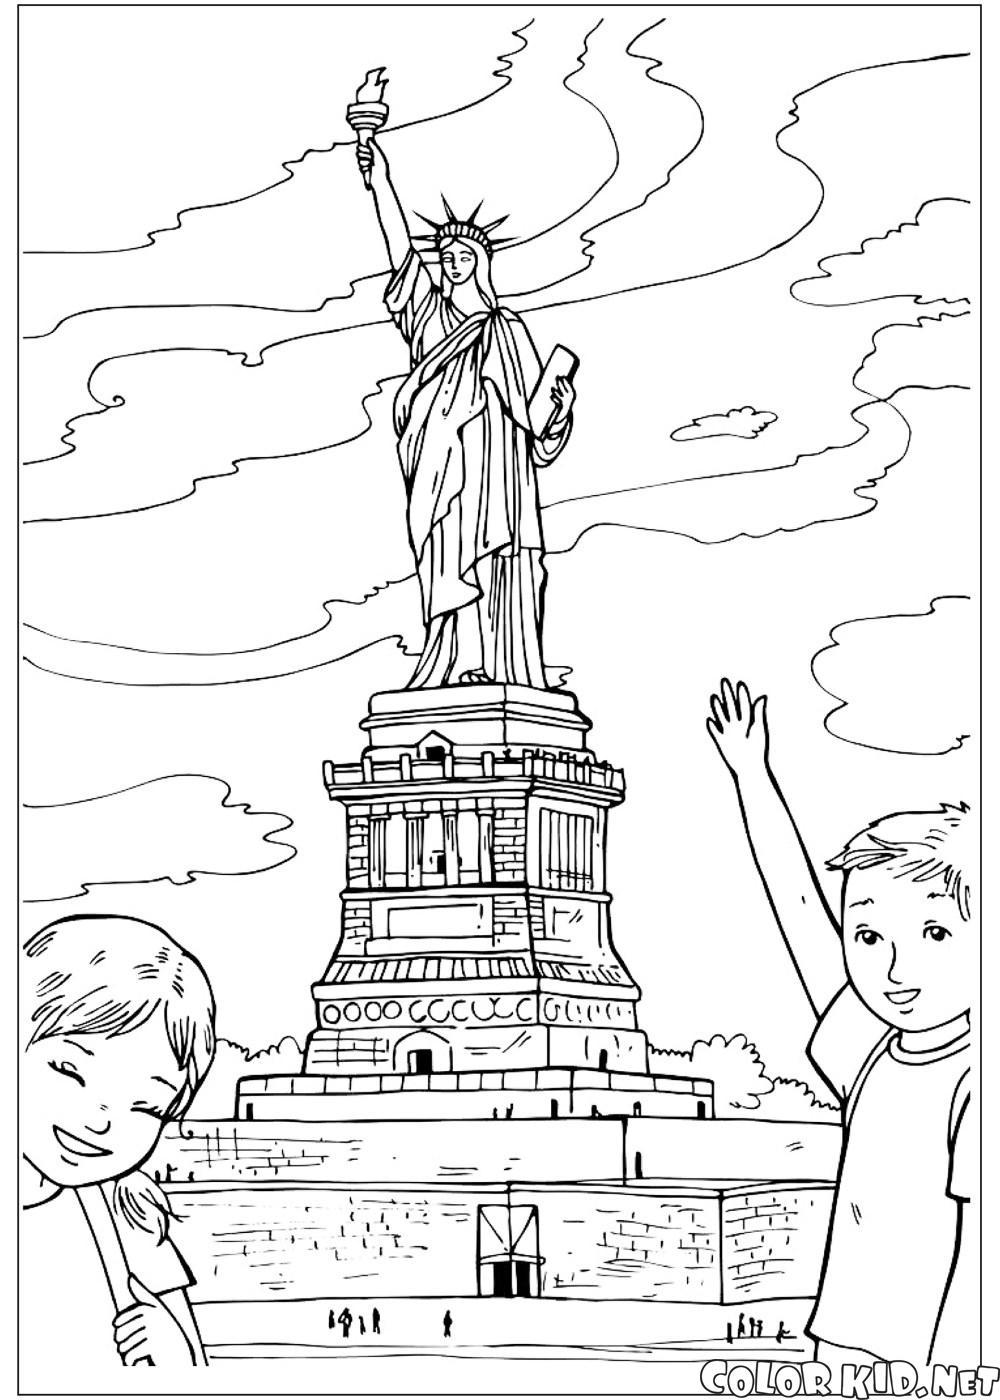 Malvorlagen - Die Vereinigten Staaten von Amerika